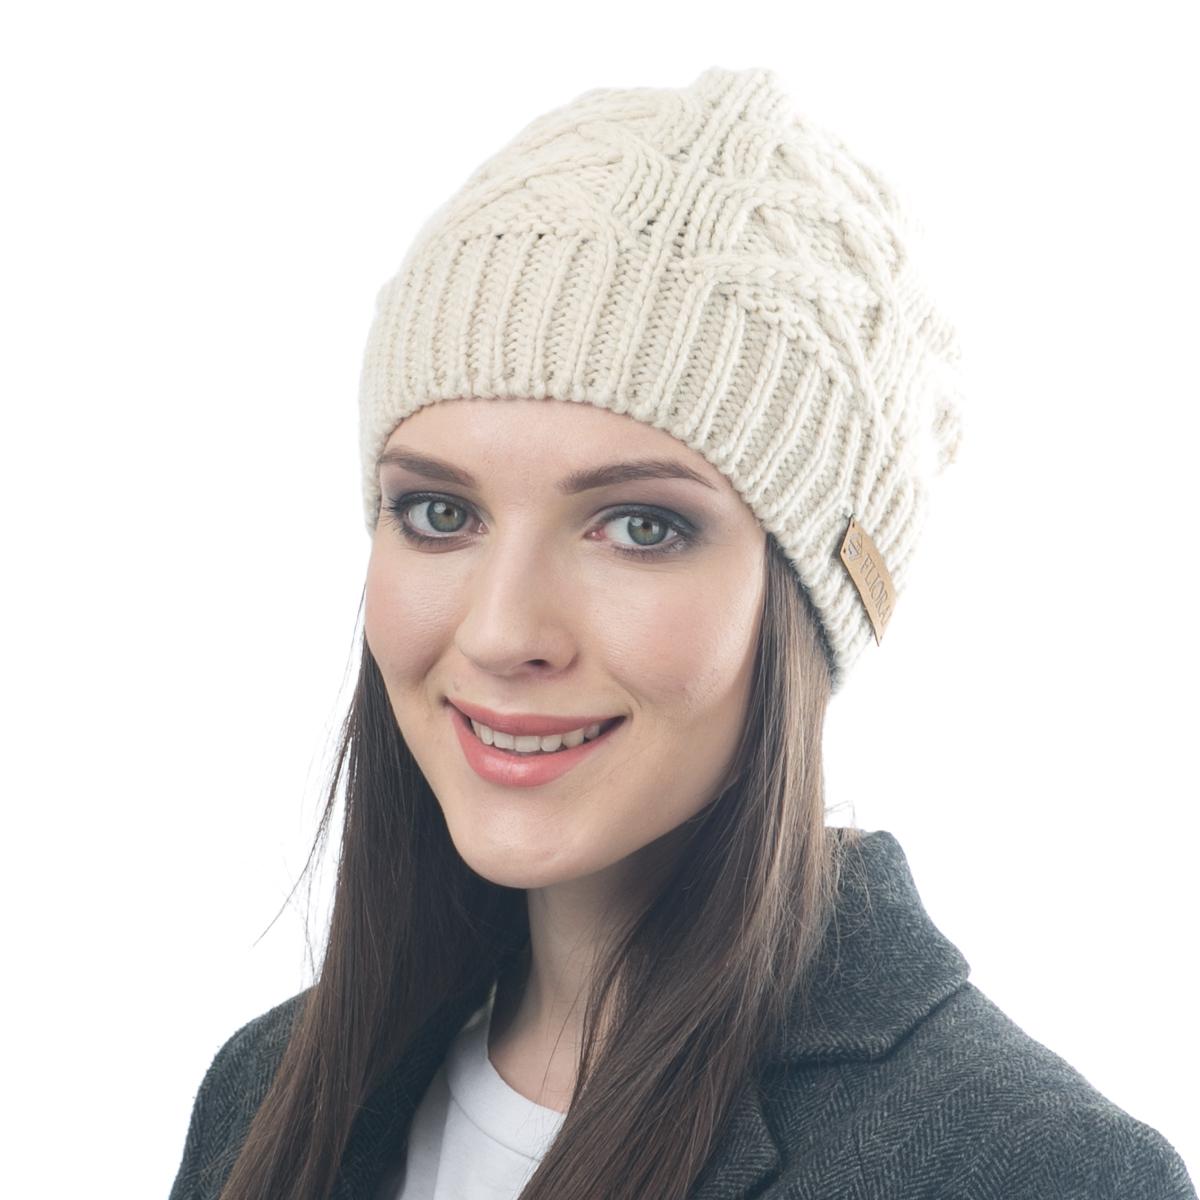 Шапка женская Flioraj, цвет: молочный. 014FJ. Размер 56/58014FJСтильная и теплая шапка от Flioraj, связанная из овечьей шерсти и шерсти горной альпаки, отлично согреет в холодную погоду. Состав пряжи делает изделие мягким, теплым и комфортным. Модель выполнена рельефной вязкой и украшена нашивкой из натуральной кожи.